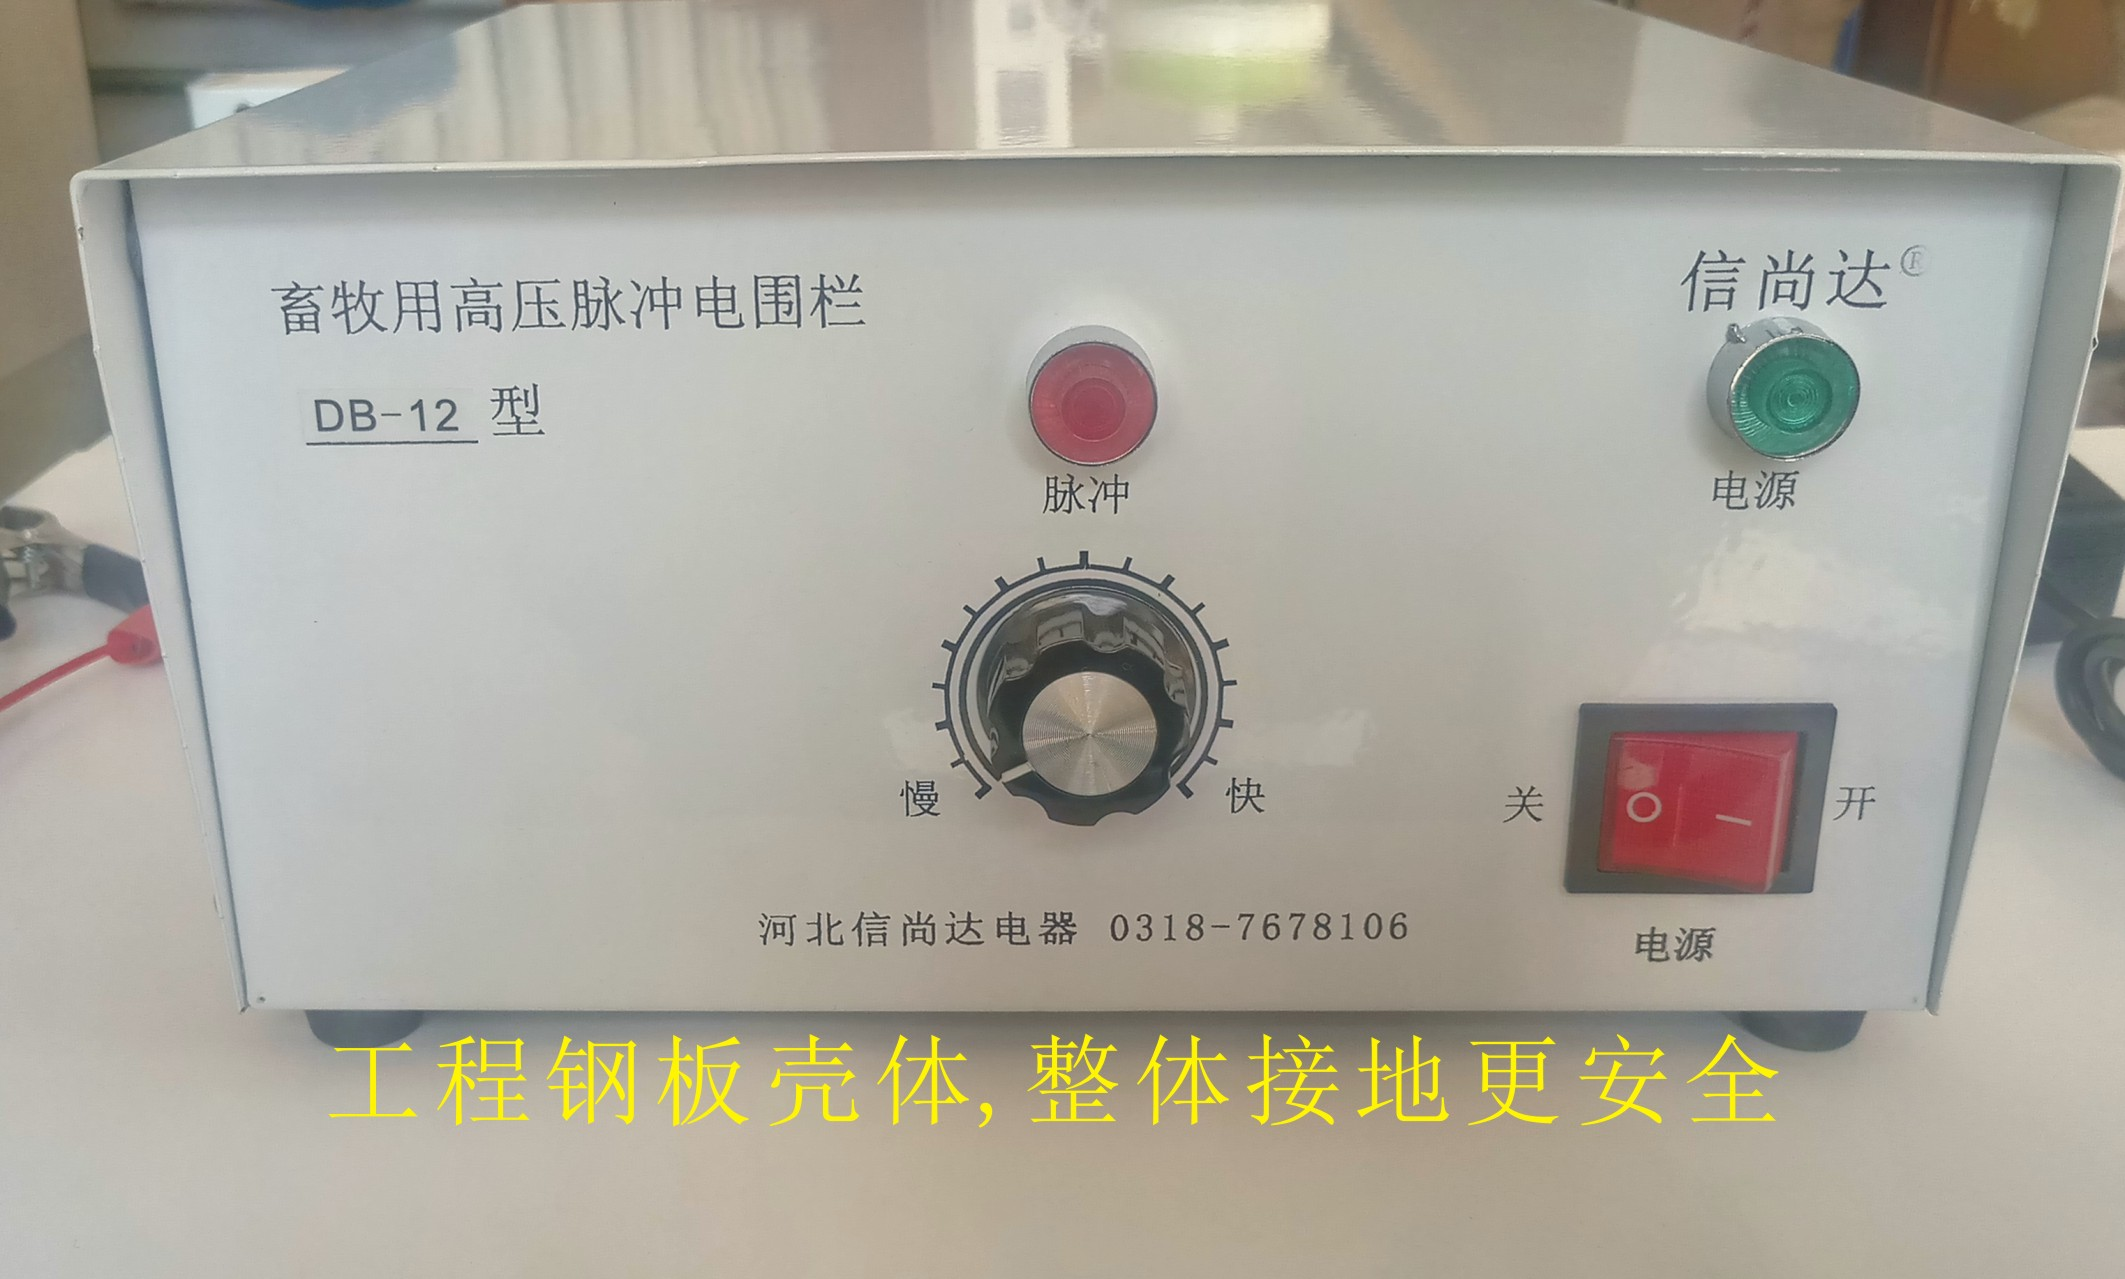 Купить Интеллектуальные системы электронного забора в Китае, в интернет магазине таобао на русском языке